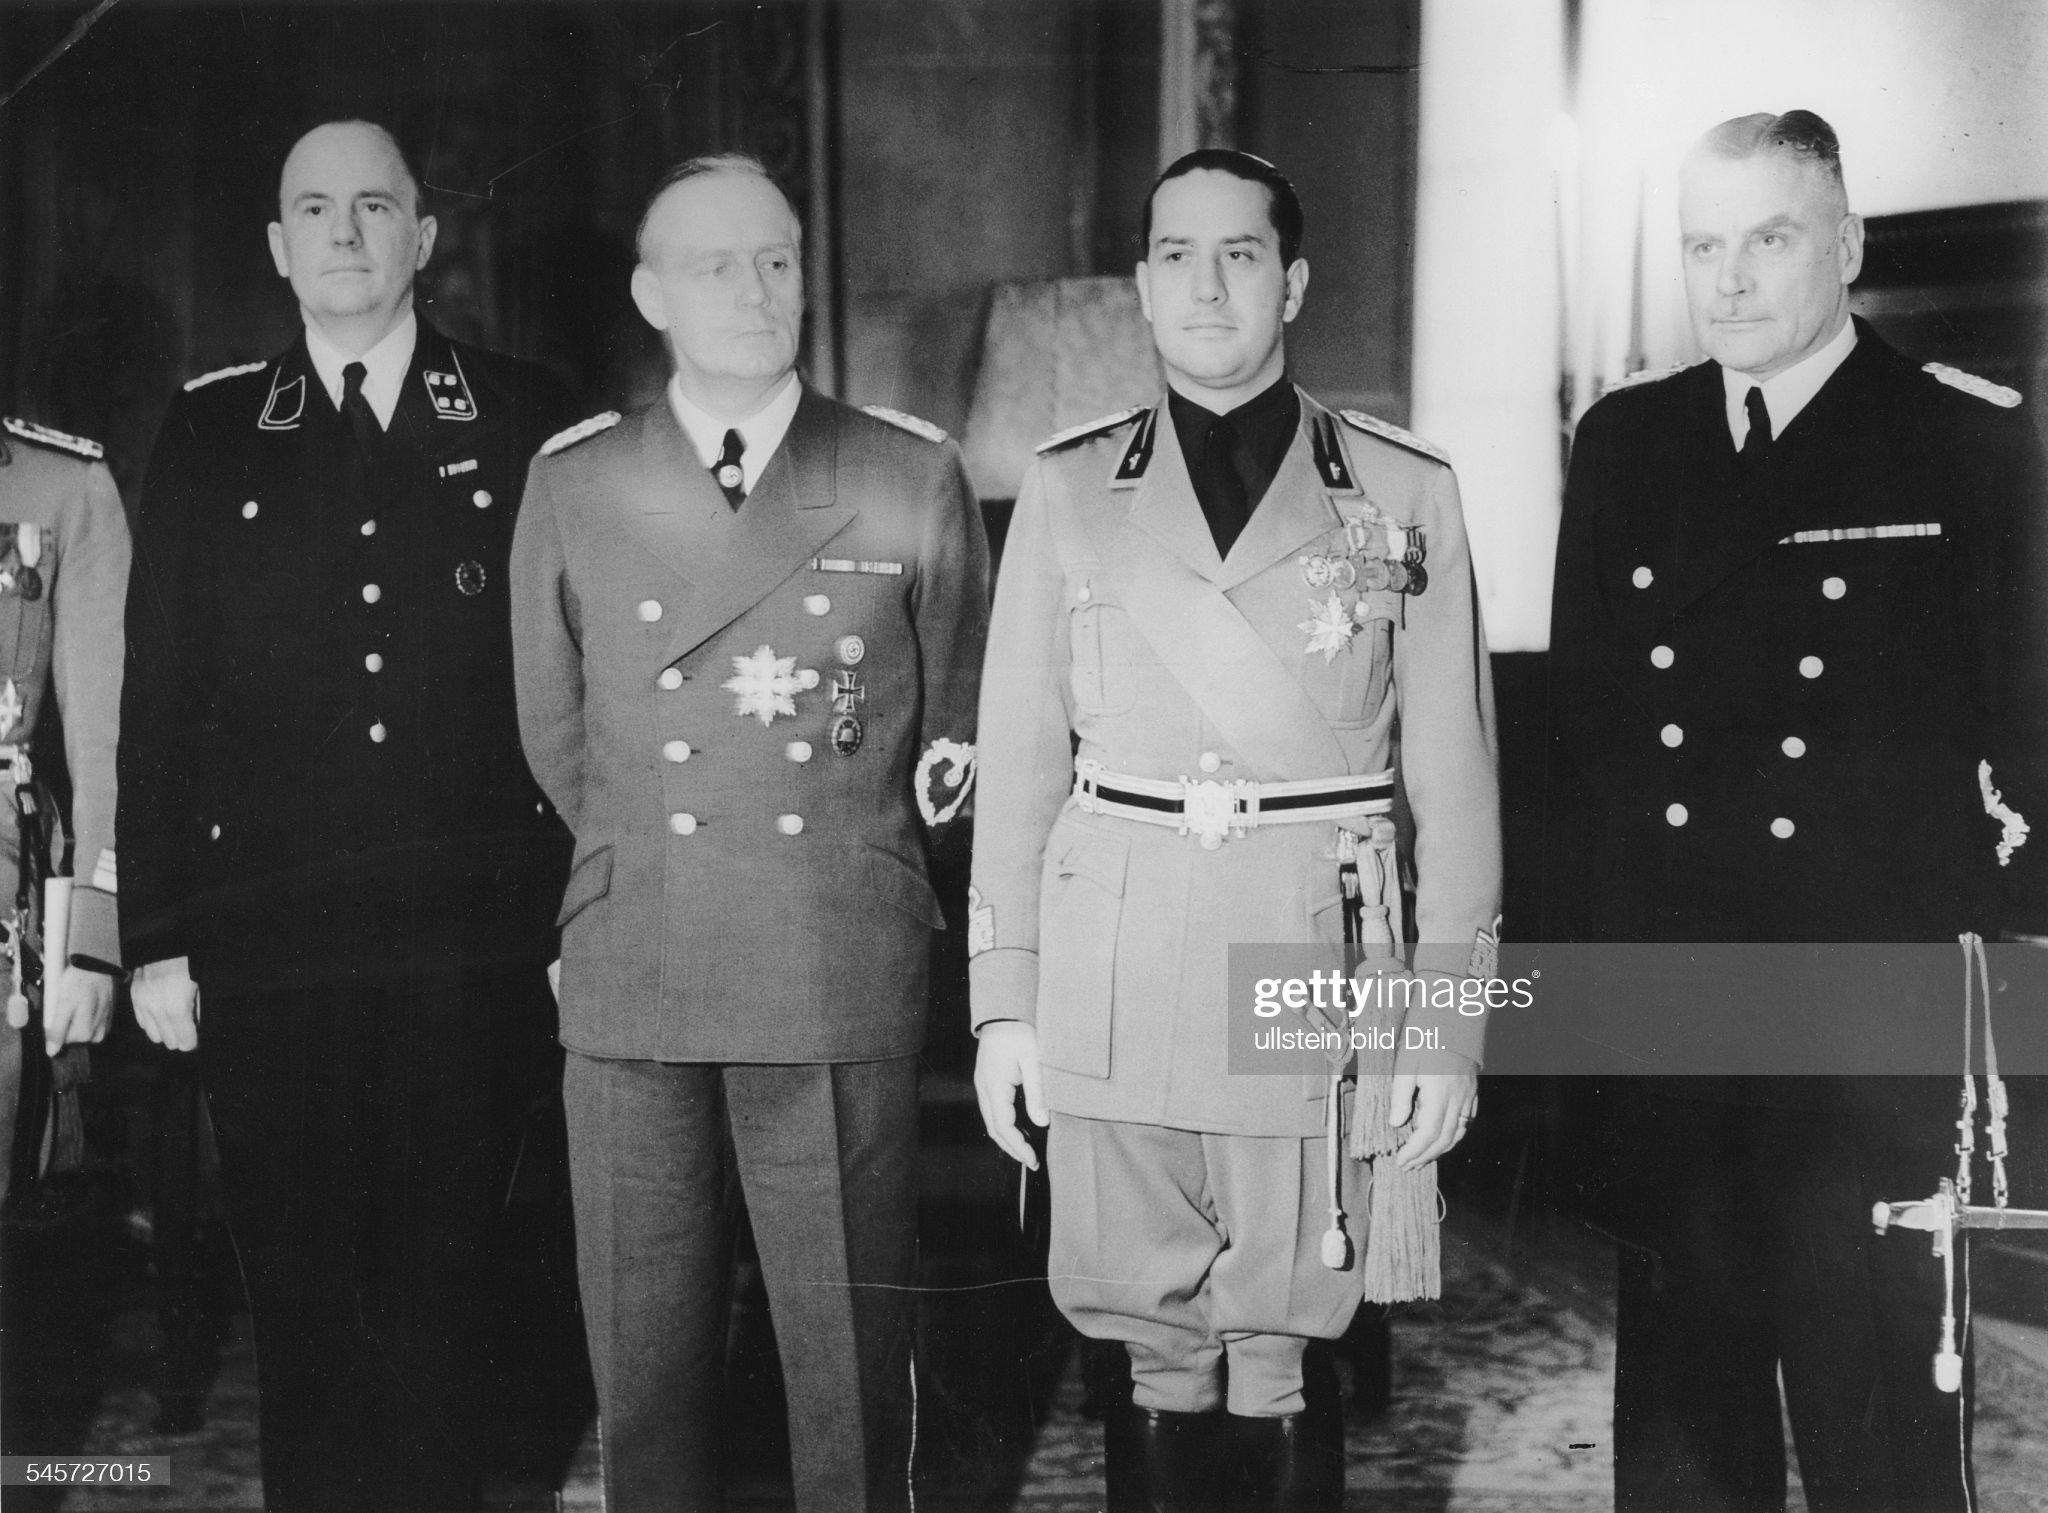 Wiener Schiedsspruch - Dolmetscher Schmidt, Ribbentrop, Graf Ciano u. v. Mackensen in Wien : Nachrichtenfoto